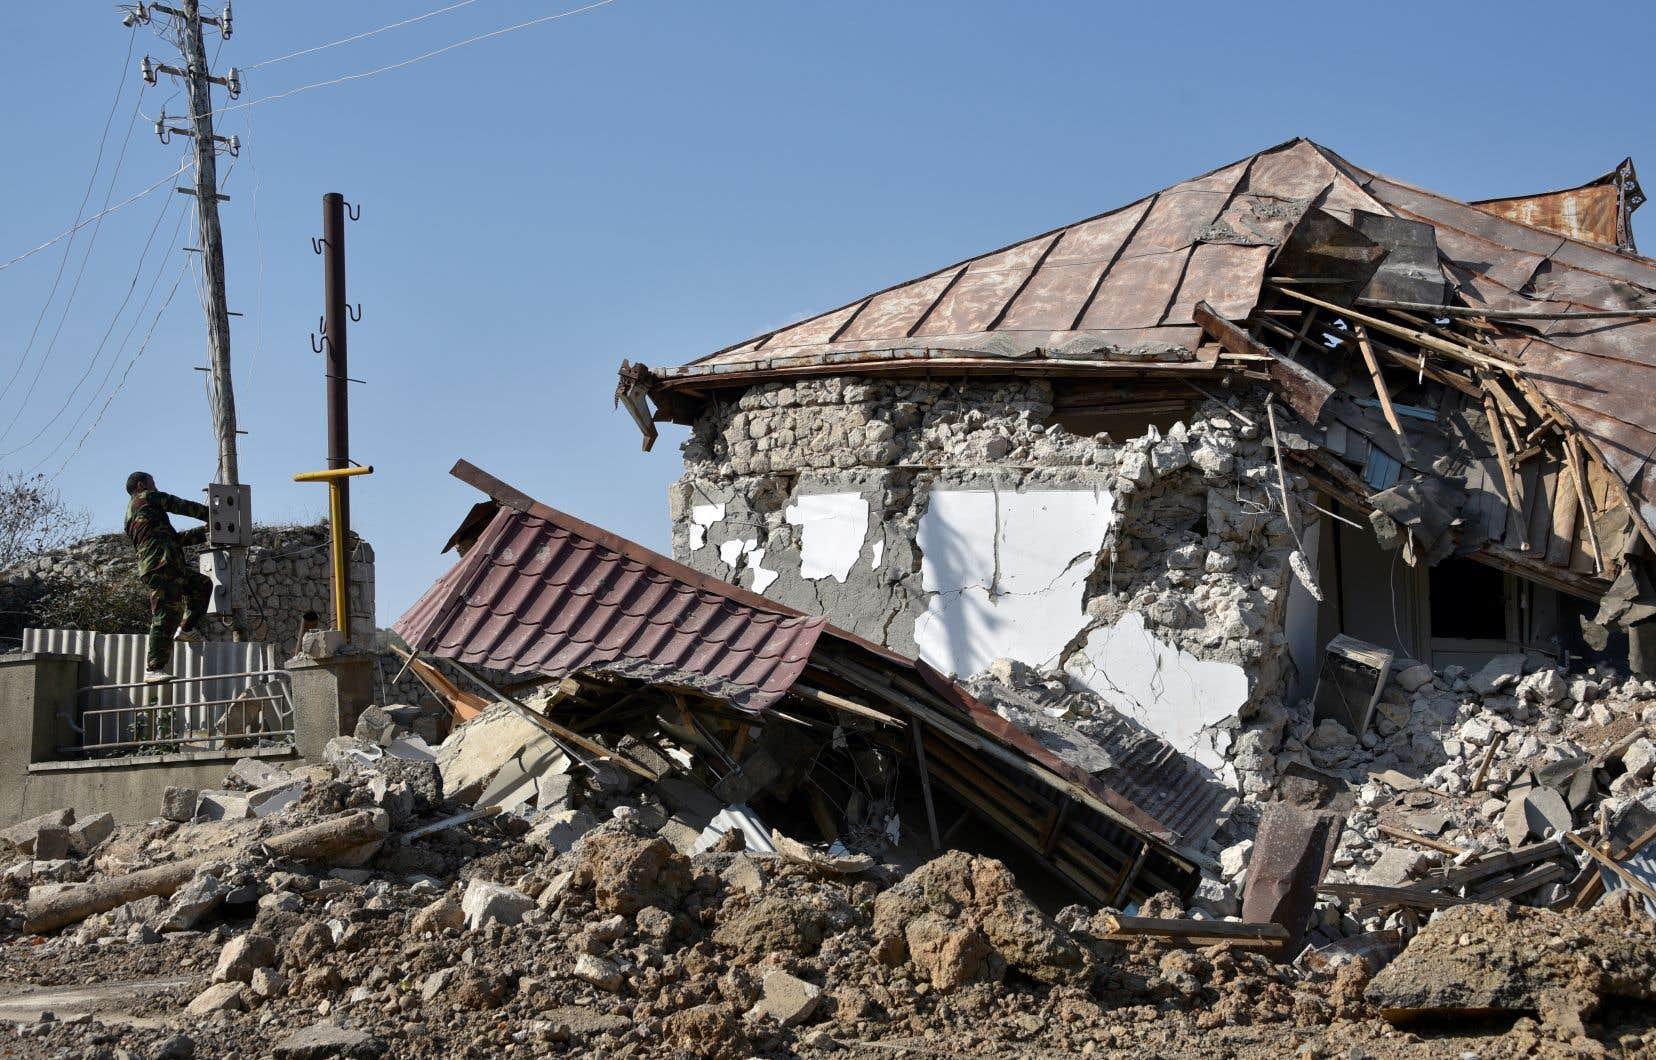 Le Haut- Karabakh est  le théâtre  d'affrontements violents entre l'Arménie et l'Azerbaïdjan. Depuis le début du conflit  en septembre  dernier, des  positions civiles ont été bombardées par les deux parties  belligérantes.